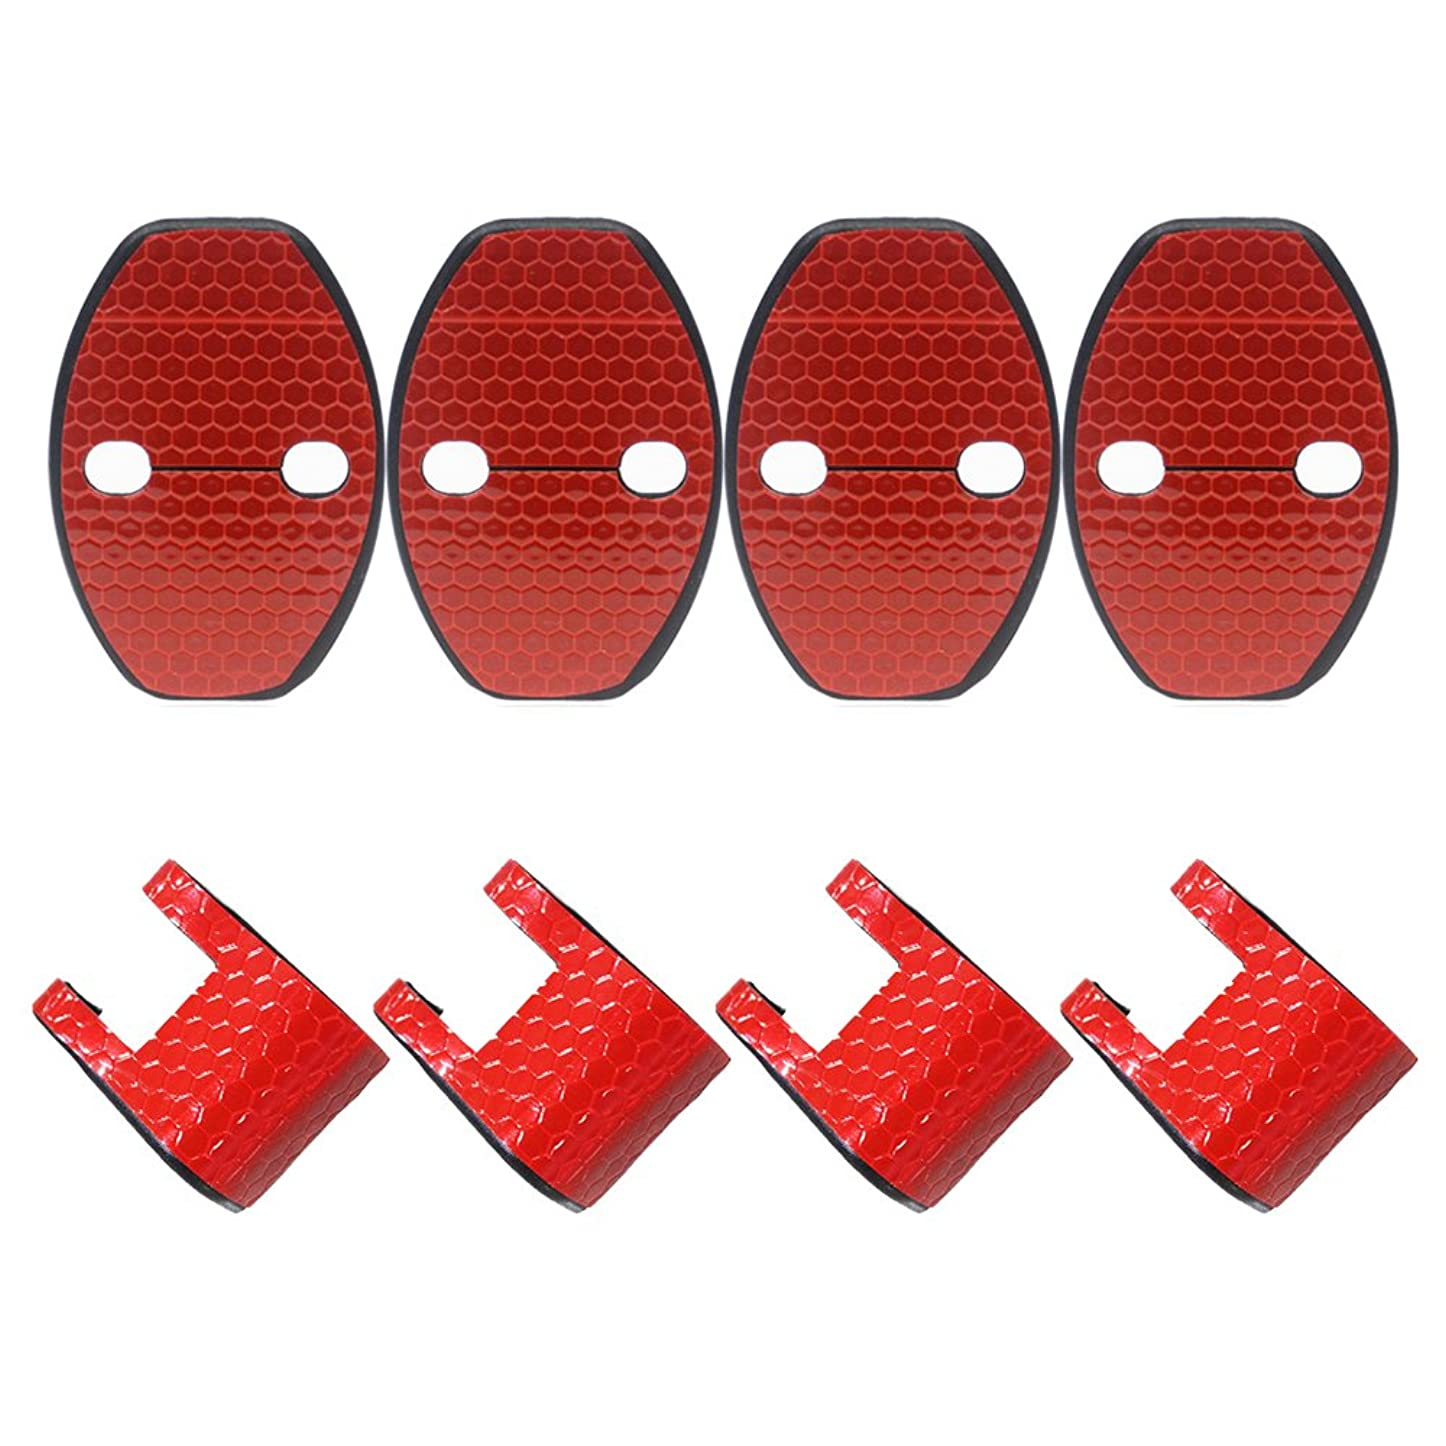 電化するインレイベスビオ山適合多数 VW Audi アウディ Porsche ポルシェ 汎用 赤 高輝度 反射テープ ドア ロック ストライカー カバー/ストッパーカバー 4枚 アウディA4 A5 A7 A8 Q3 Q5/フォルクスワーゲン パサー トポロ シロッコ テ...